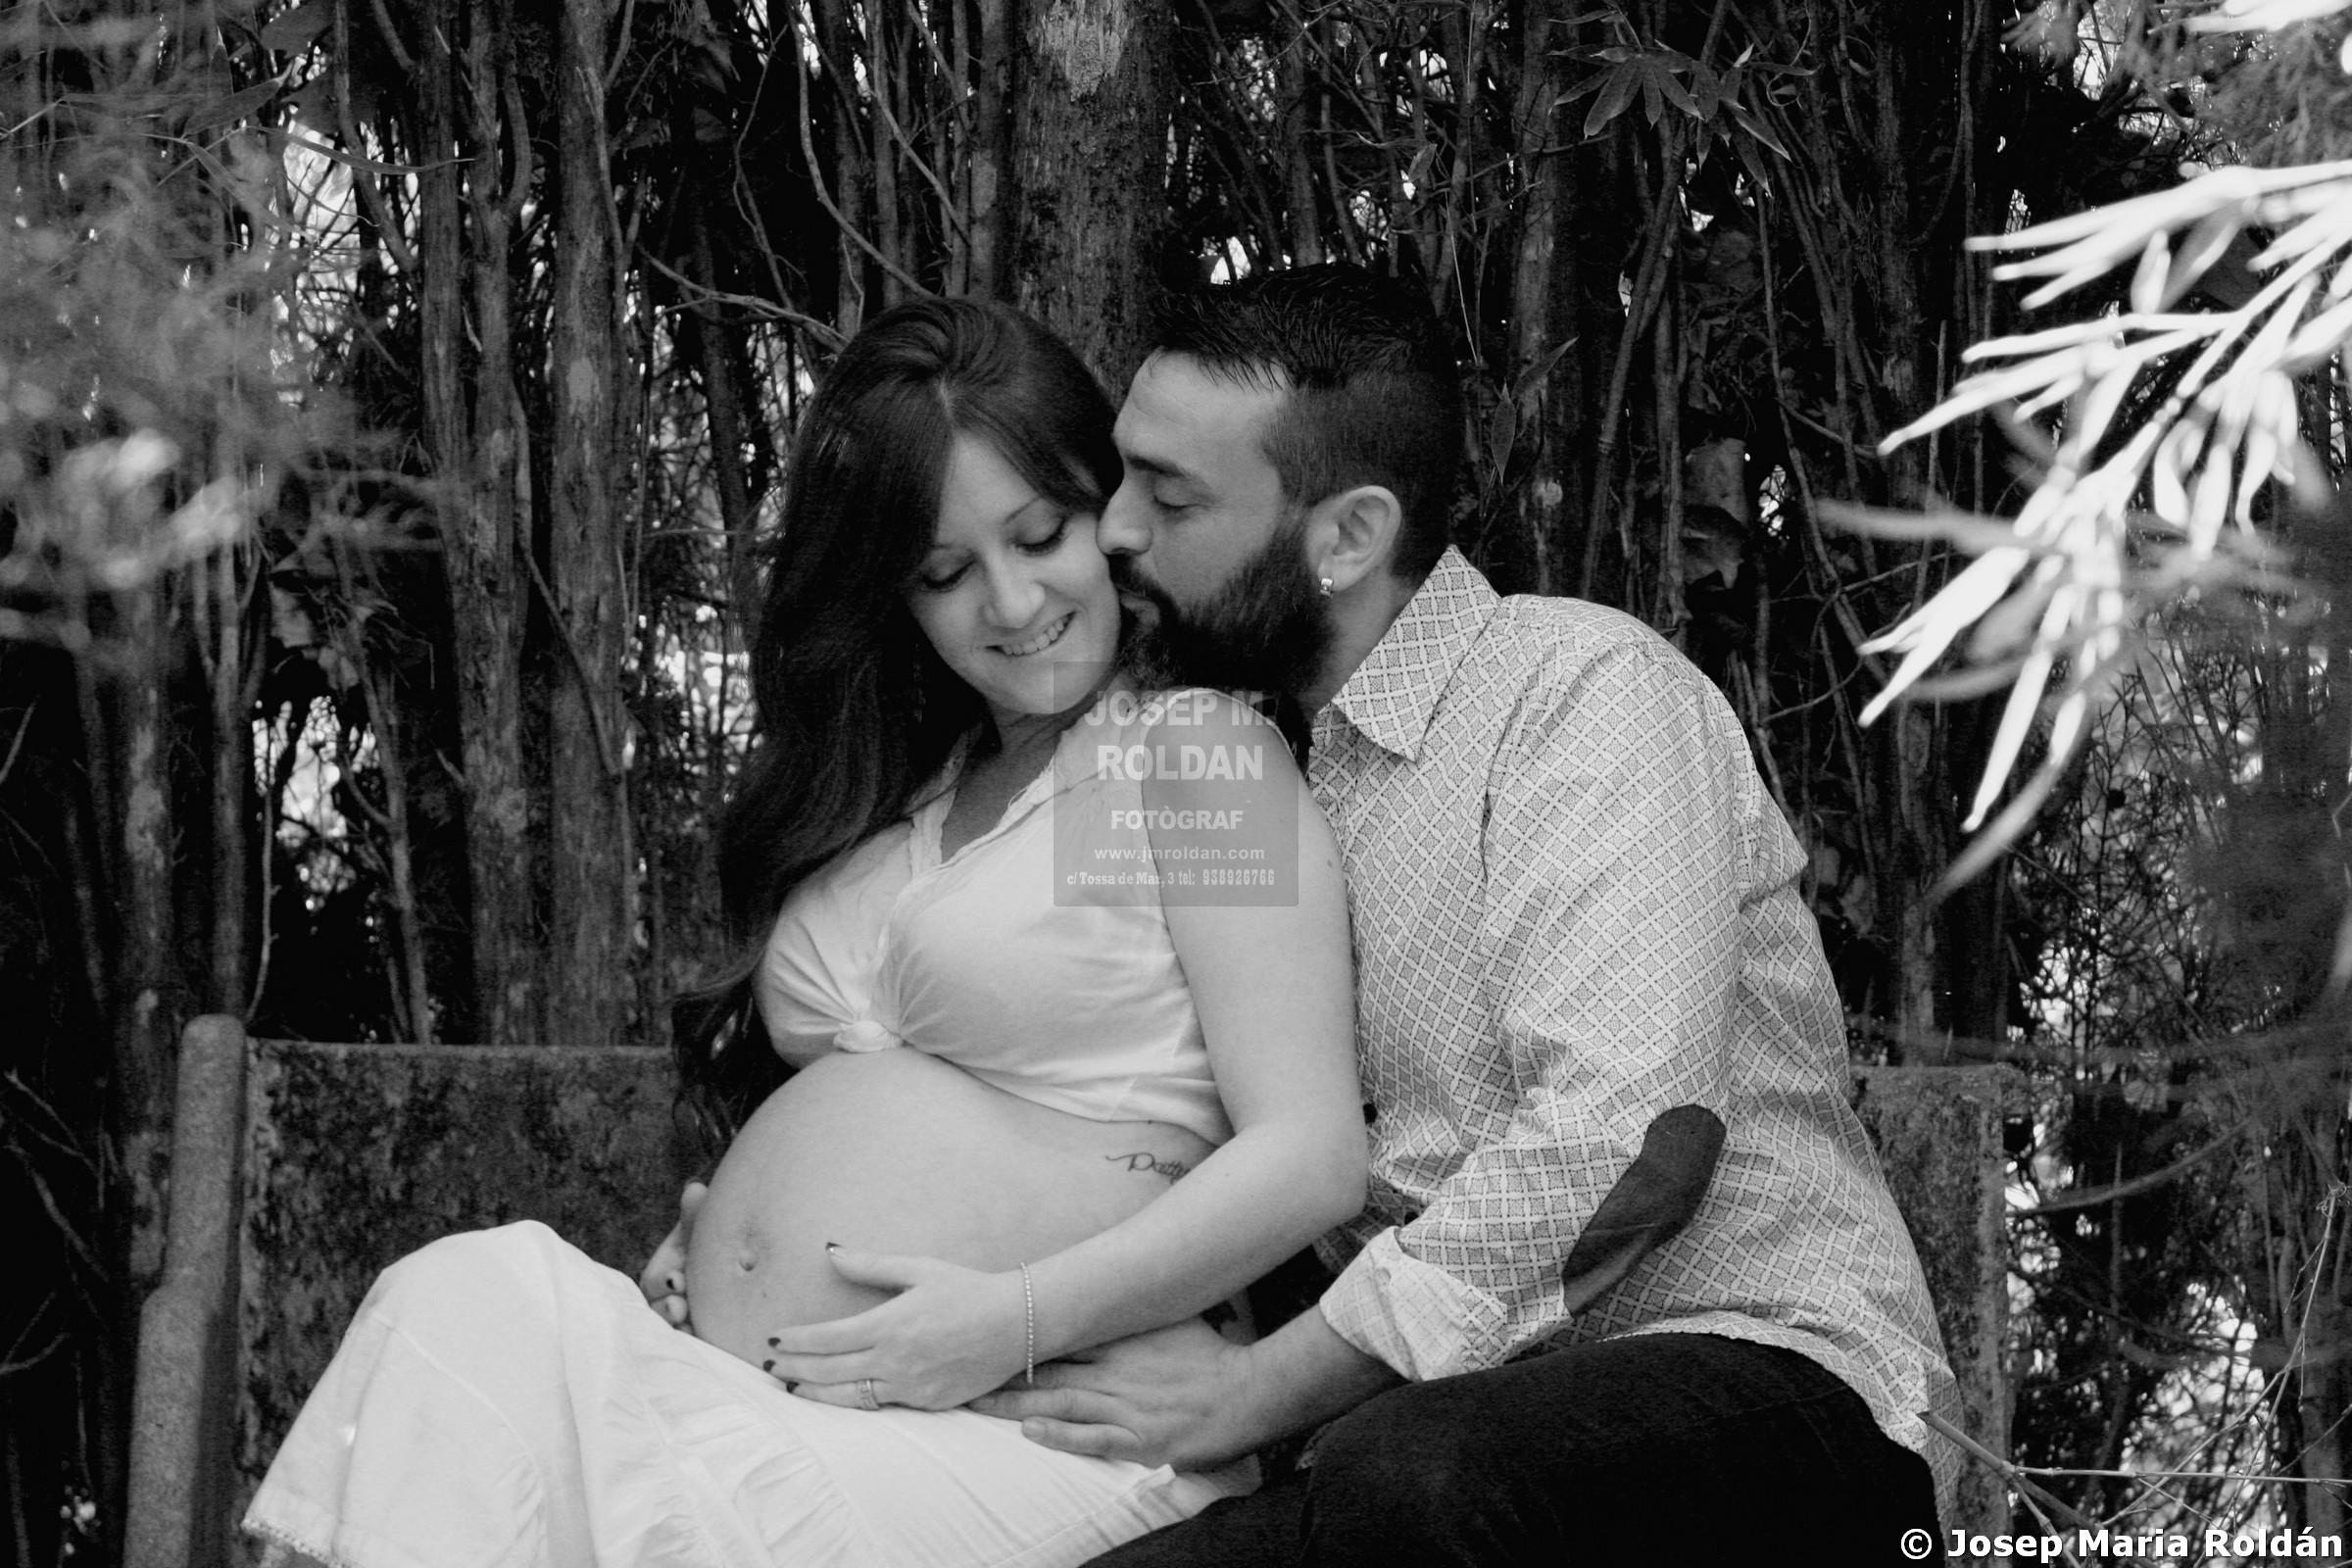 fotos de embarazo jm roldan 0005